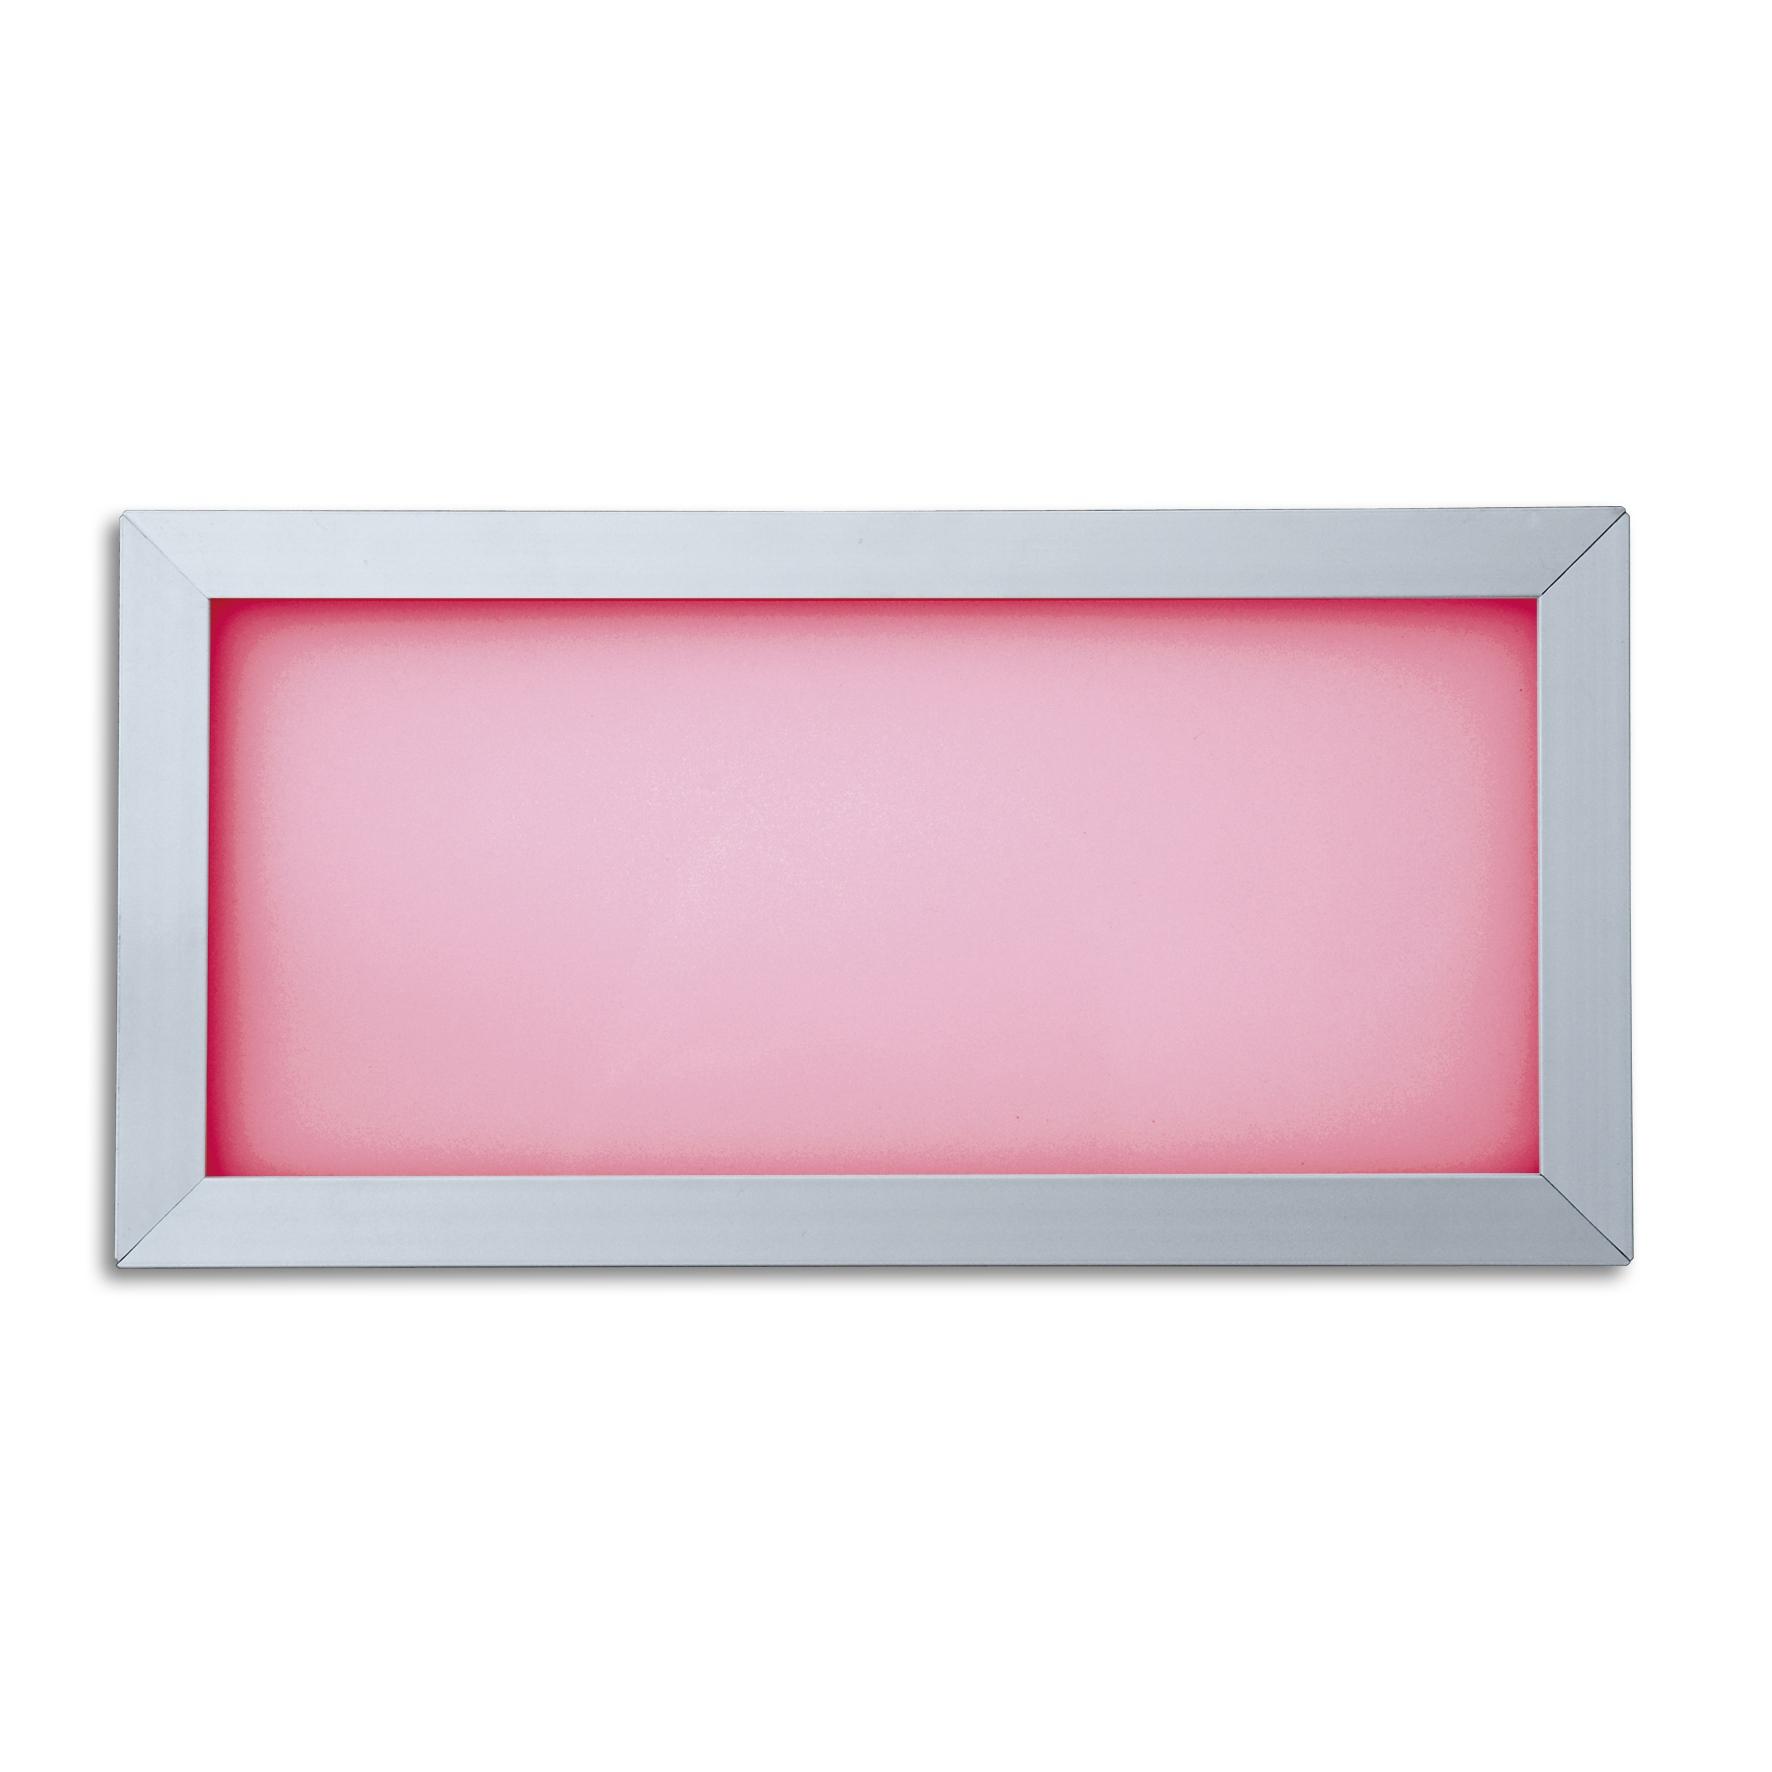 LED RGB Panelo Einbaupanel Haiko silber 9W 30x15cm